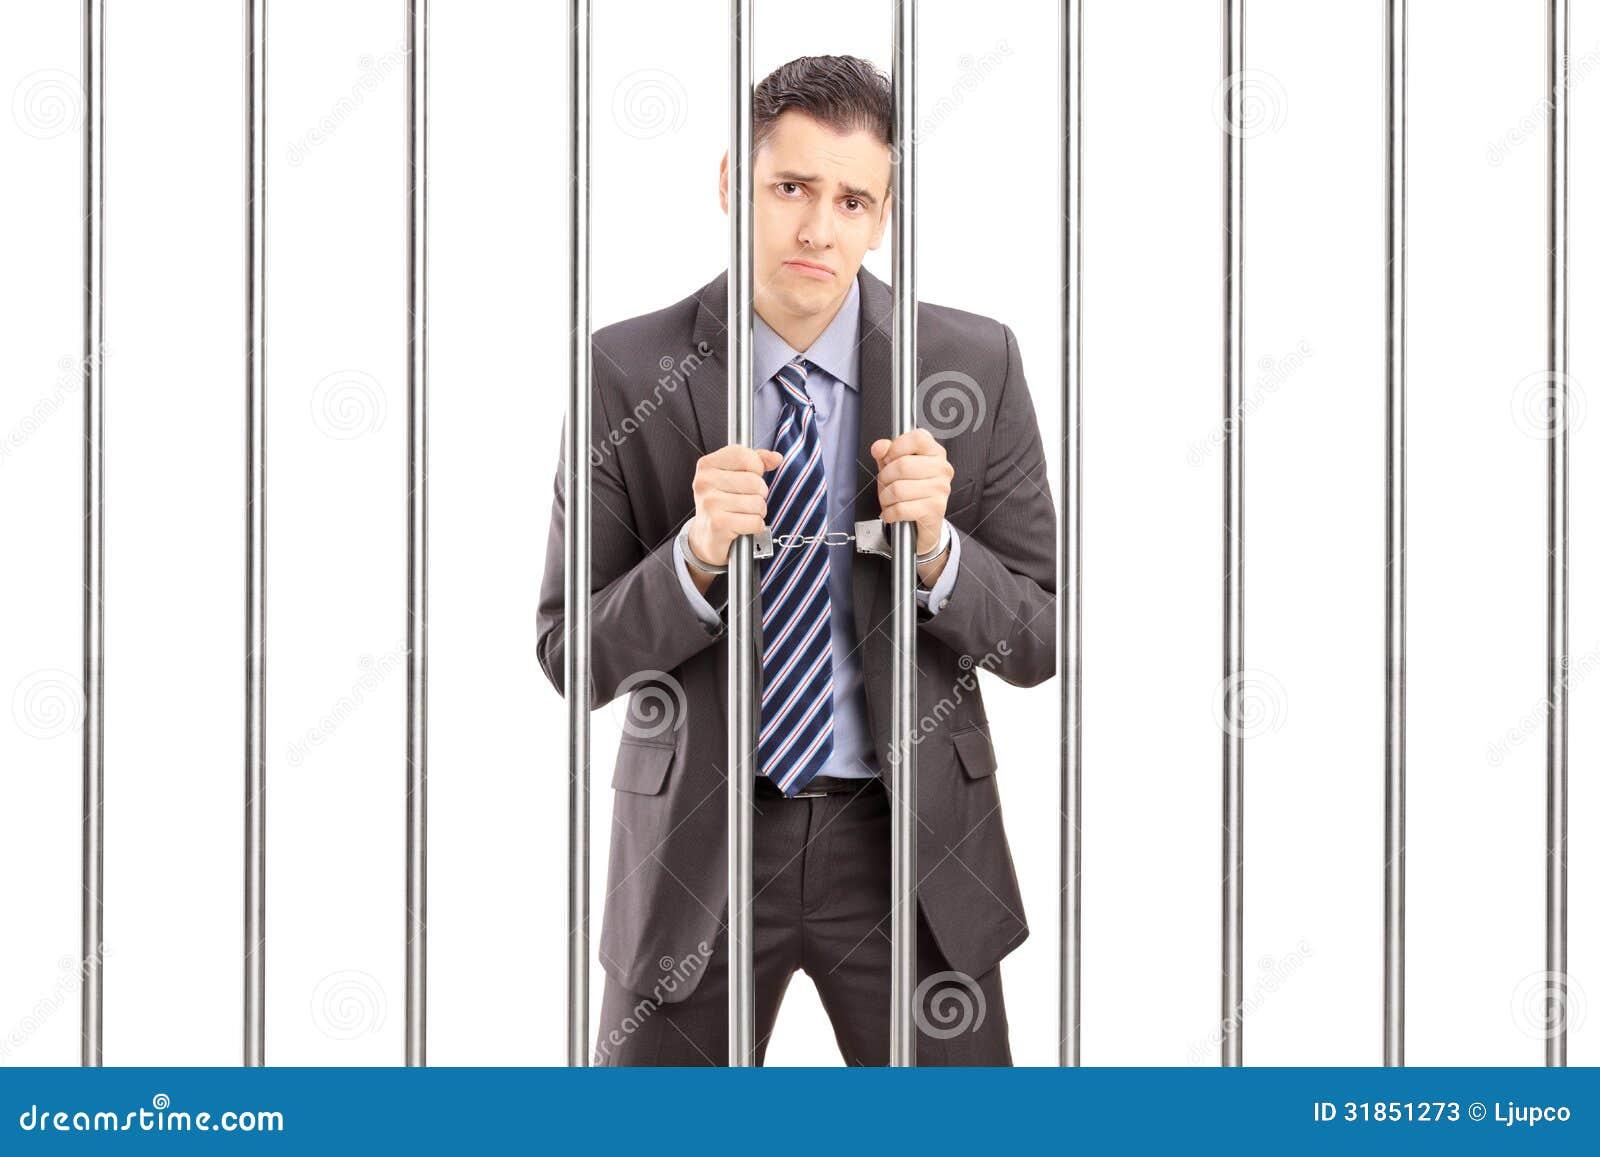 homme d 39 affaires menott triste dans le costume posant en prison et tenant le ba image stock. Black Bedroom Furniture Sets. Home Design Ideas